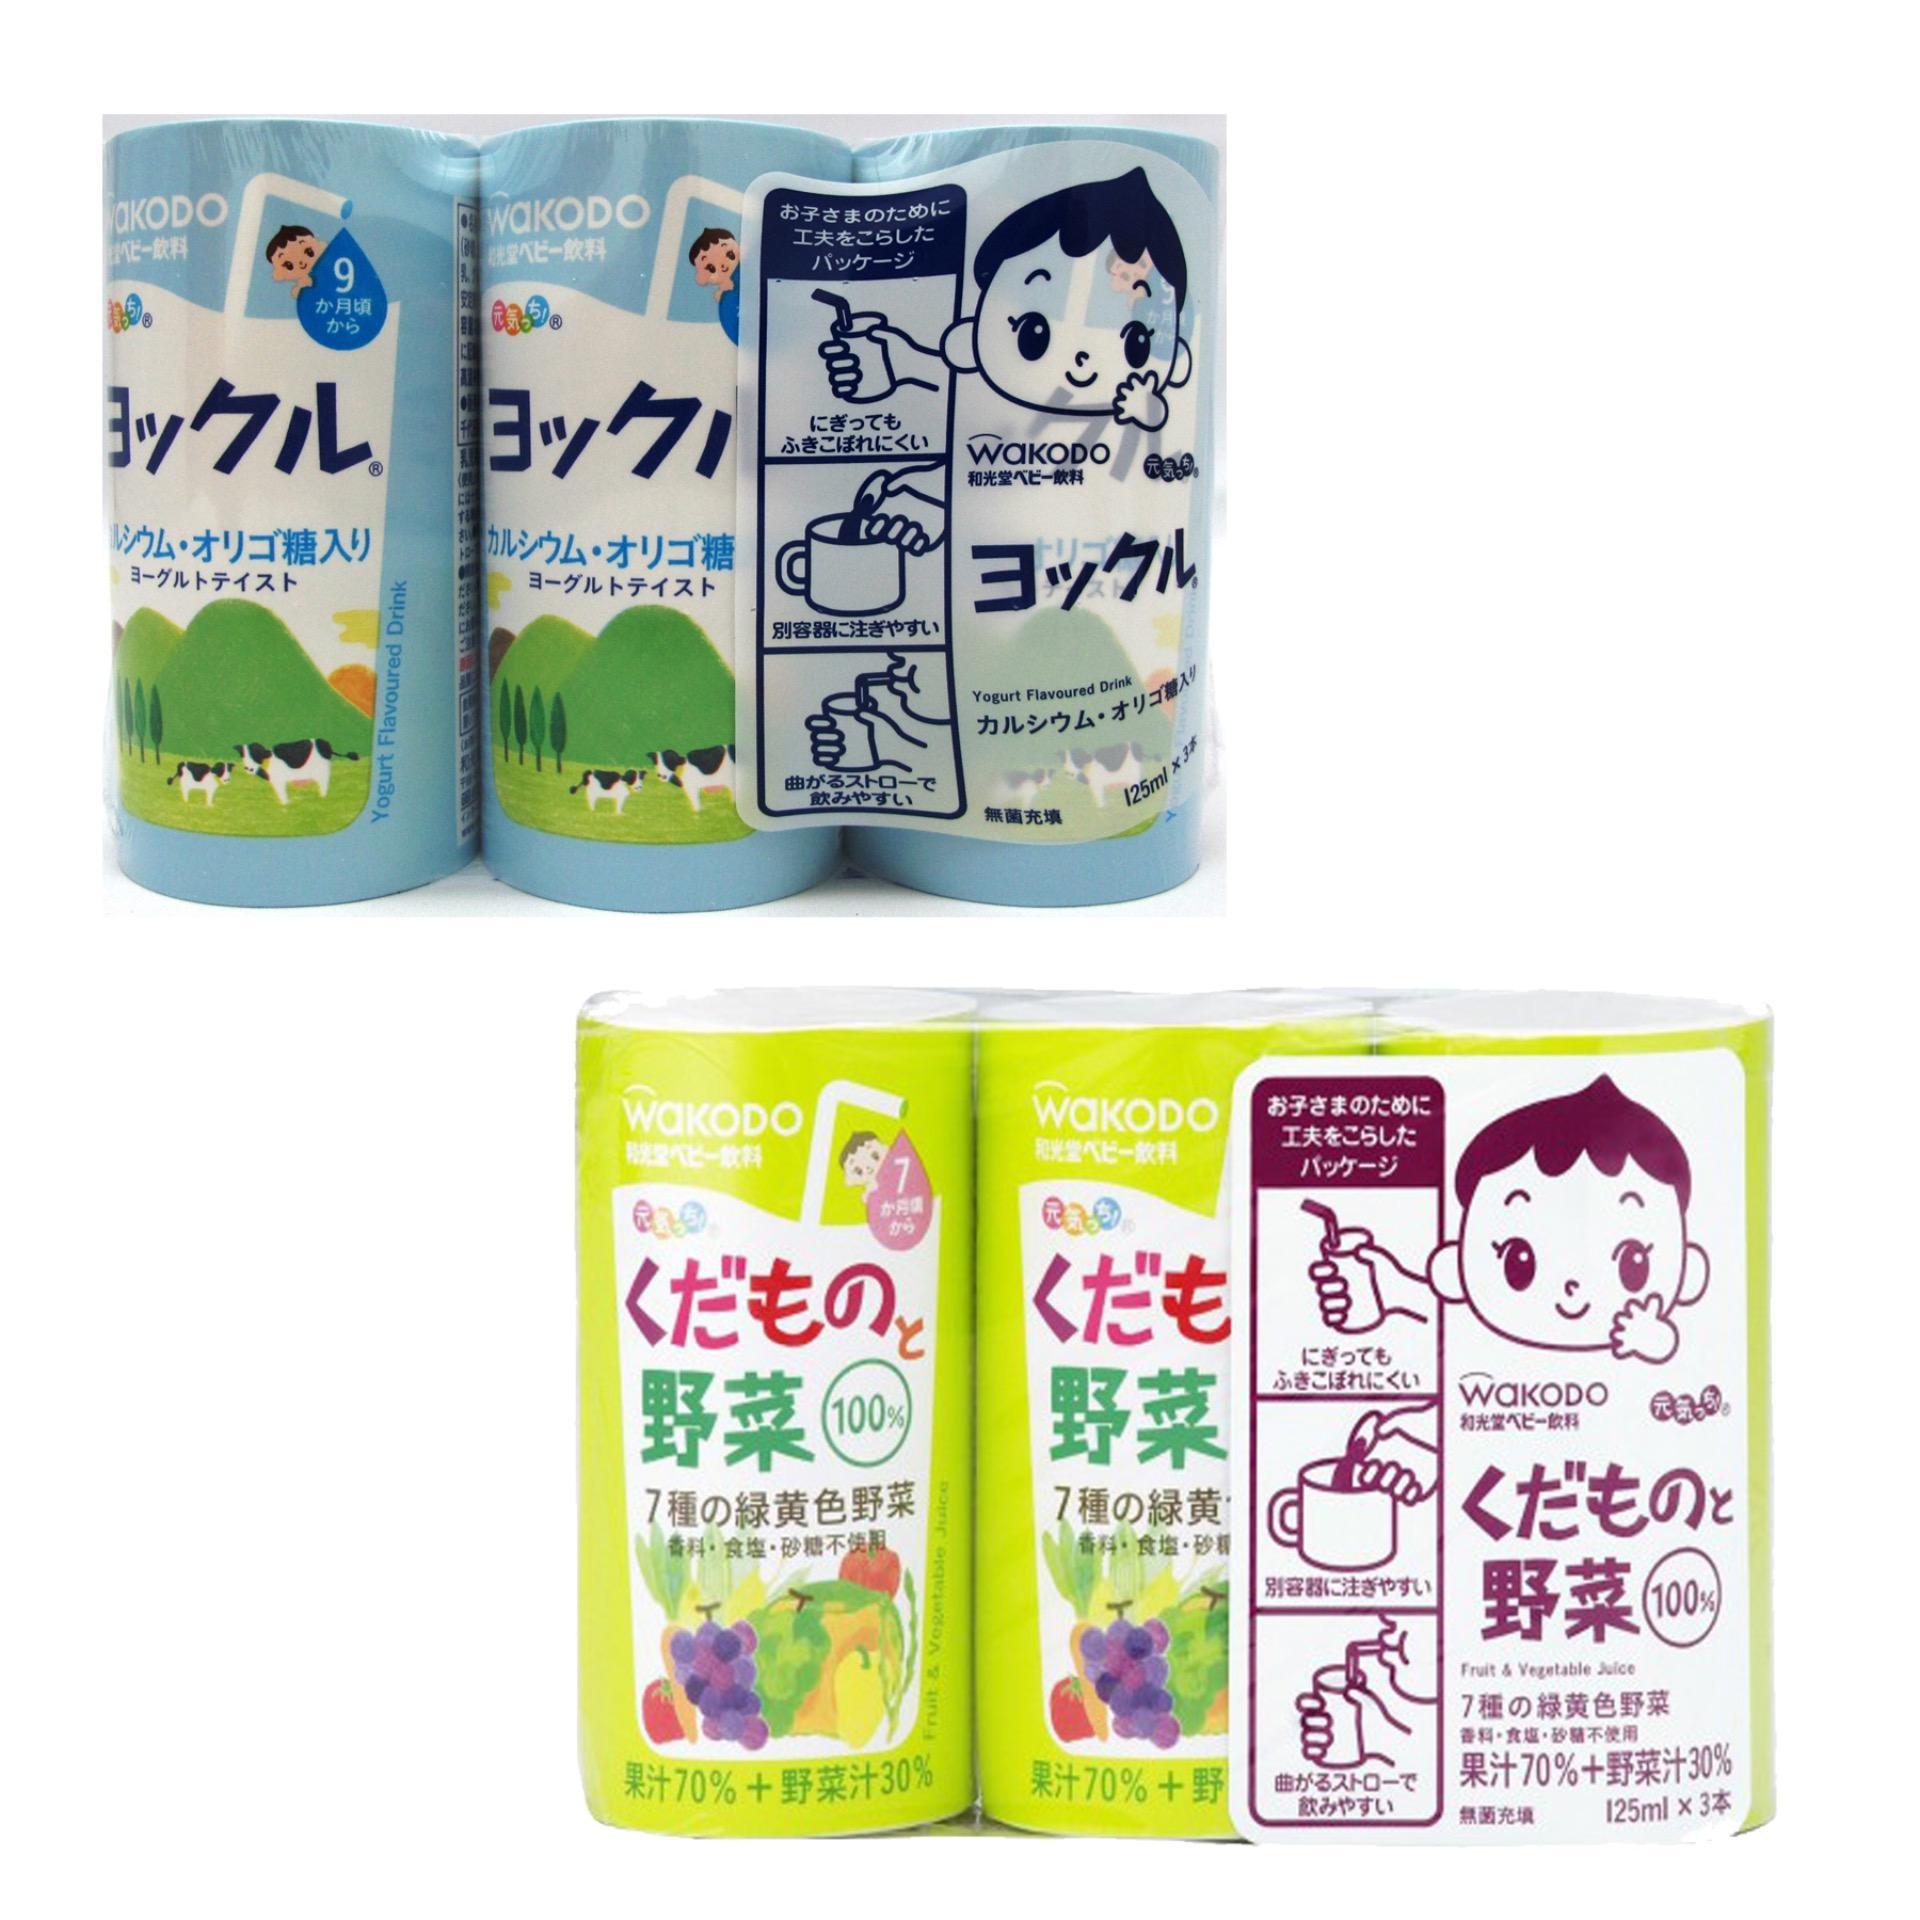 Bộ 2 Lốc 6 hộp nước ép Wakodo hoa quả tổng hợp 15047 và sữa chua 13430 (125mlx6)